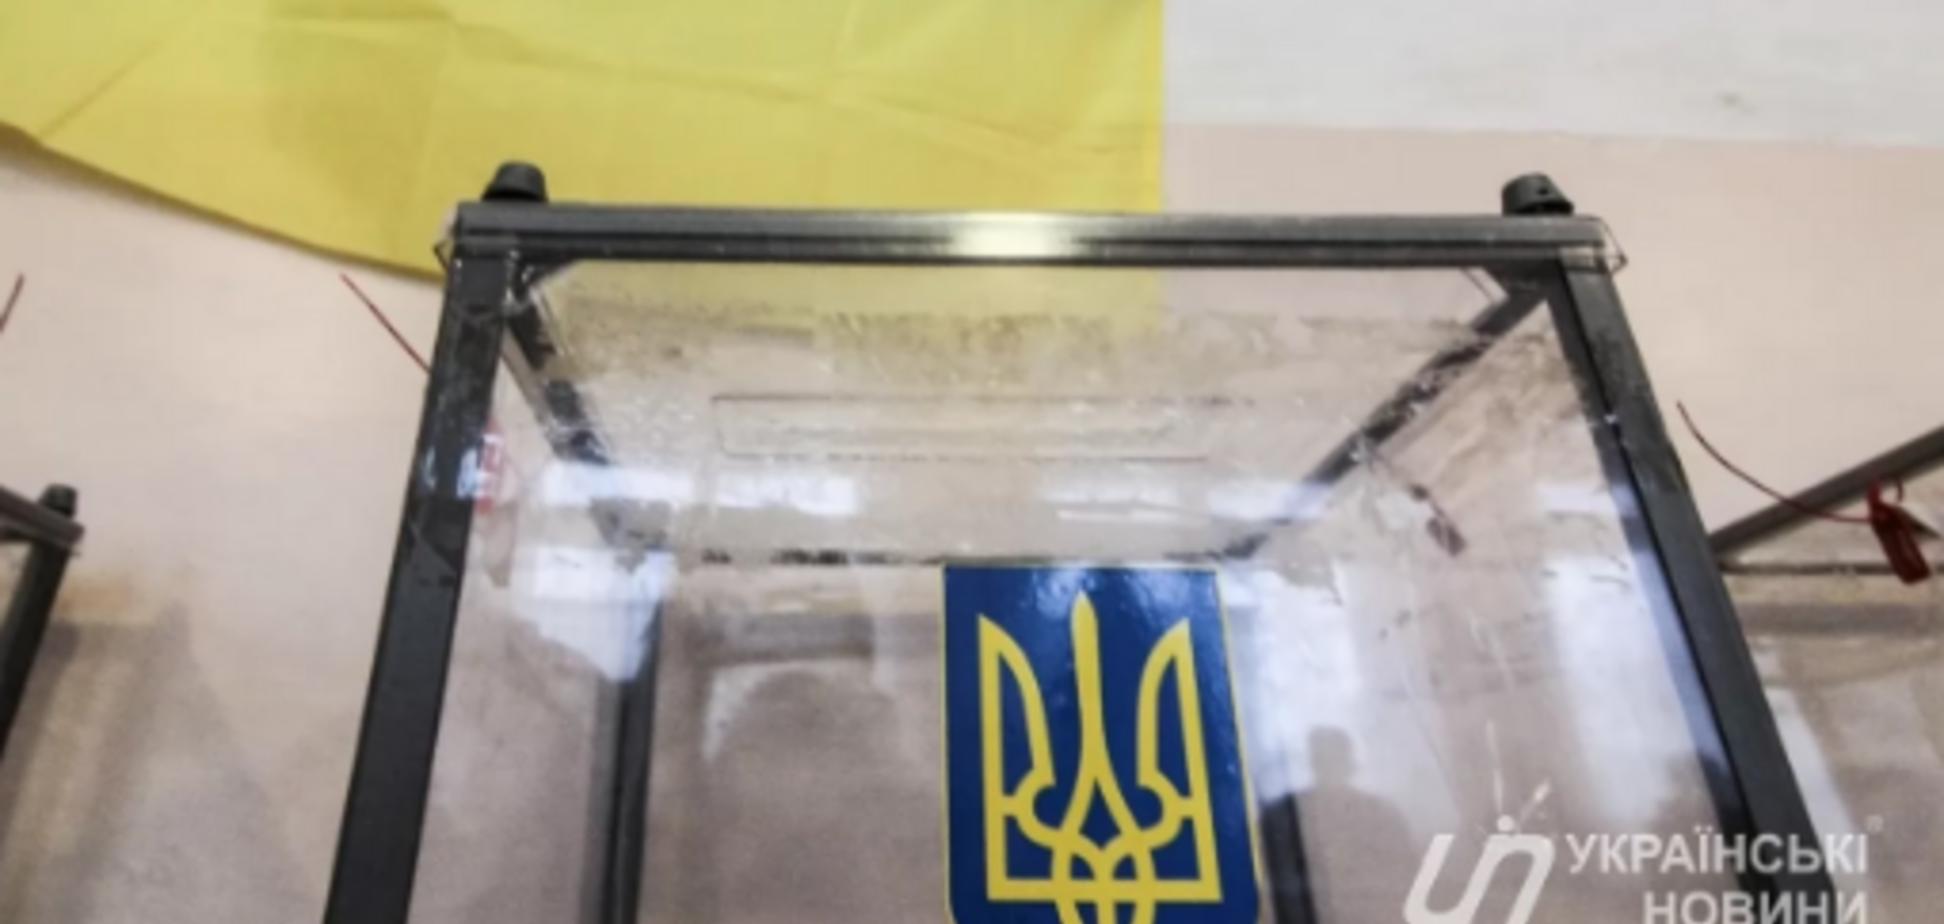 'Випробування на скріпи!' Розкрито деталі про ситуацію на виборчому окрузі у Києві